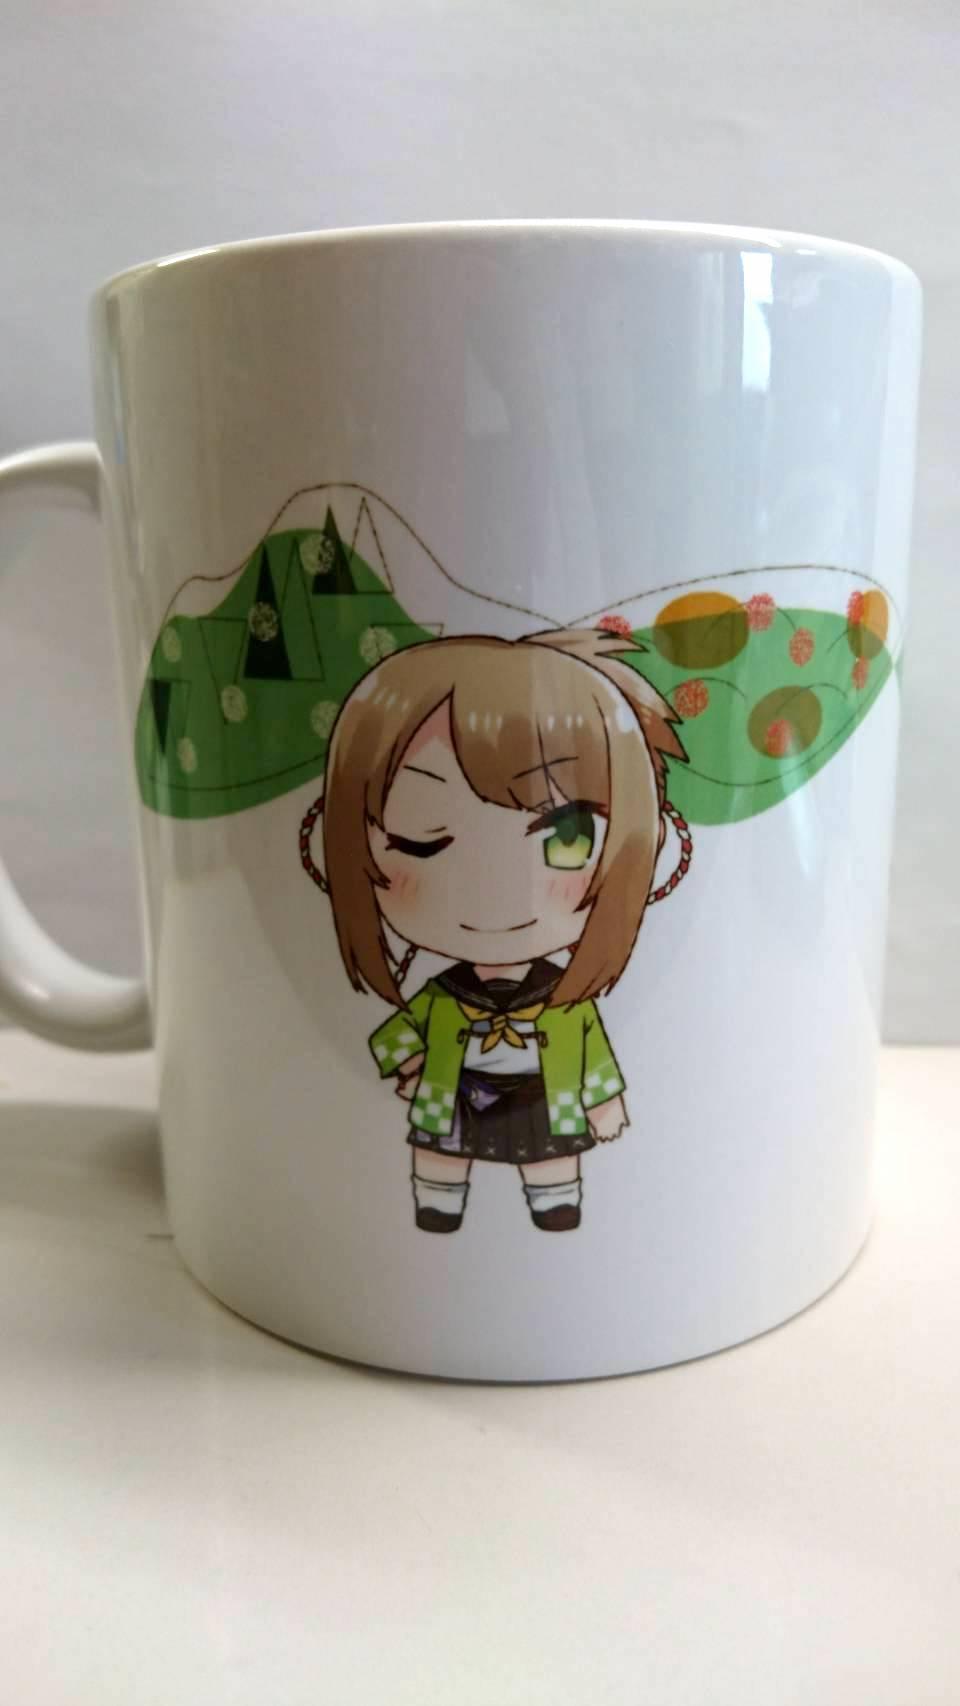 祭屋湯左衛門にて真尋ちゃんマグカップ発売☕️